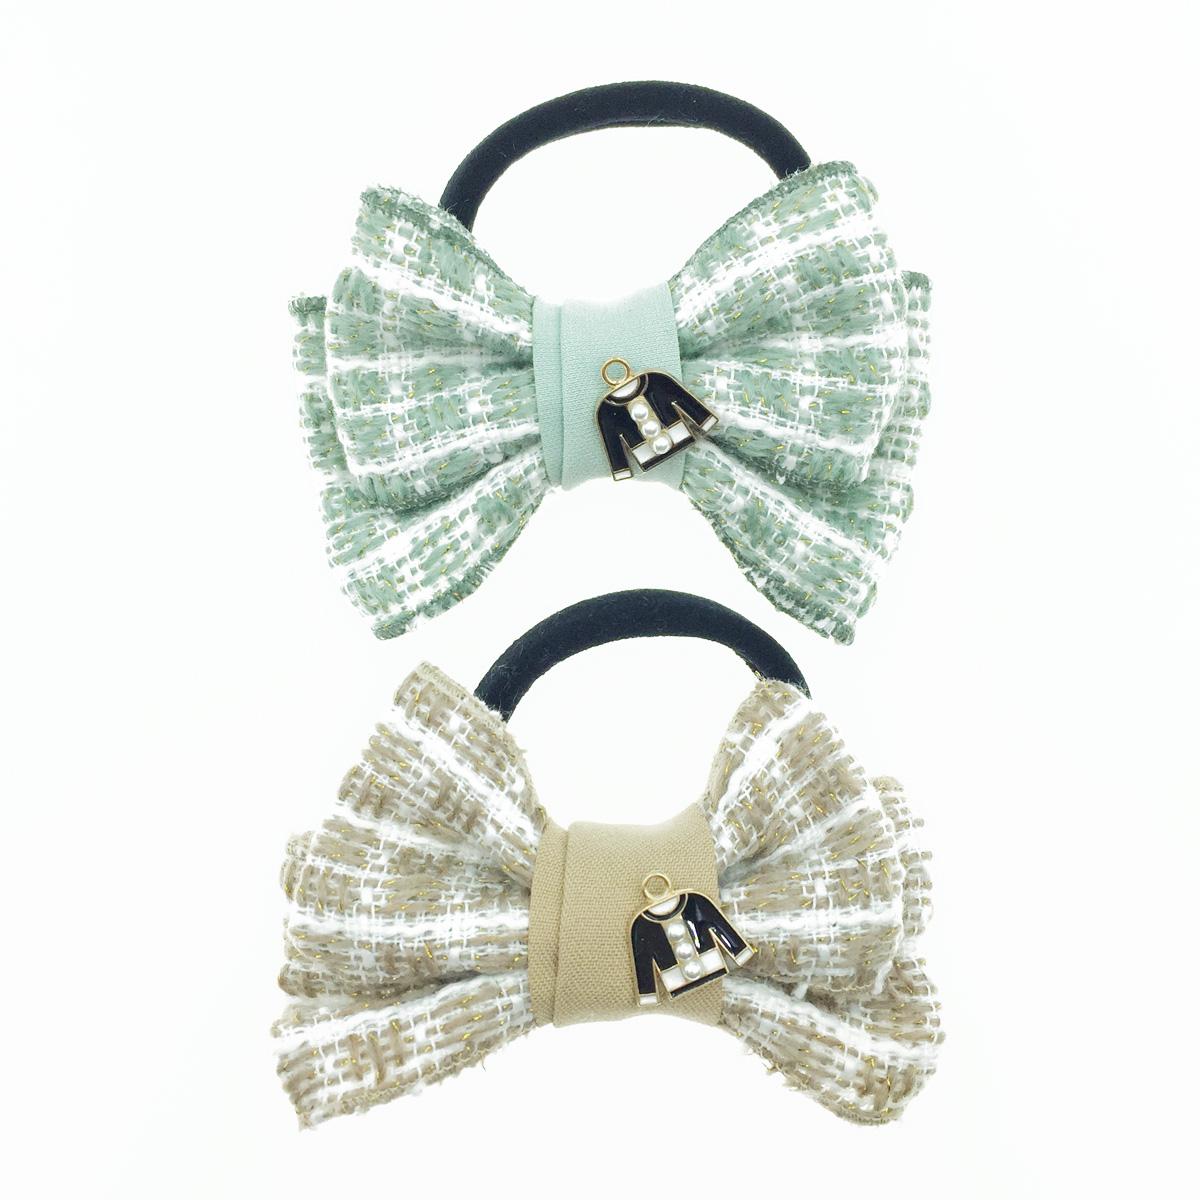 韓國 小香風 黑外套 珍珠 編織雙層蝴蝶結 髮飾 髮束